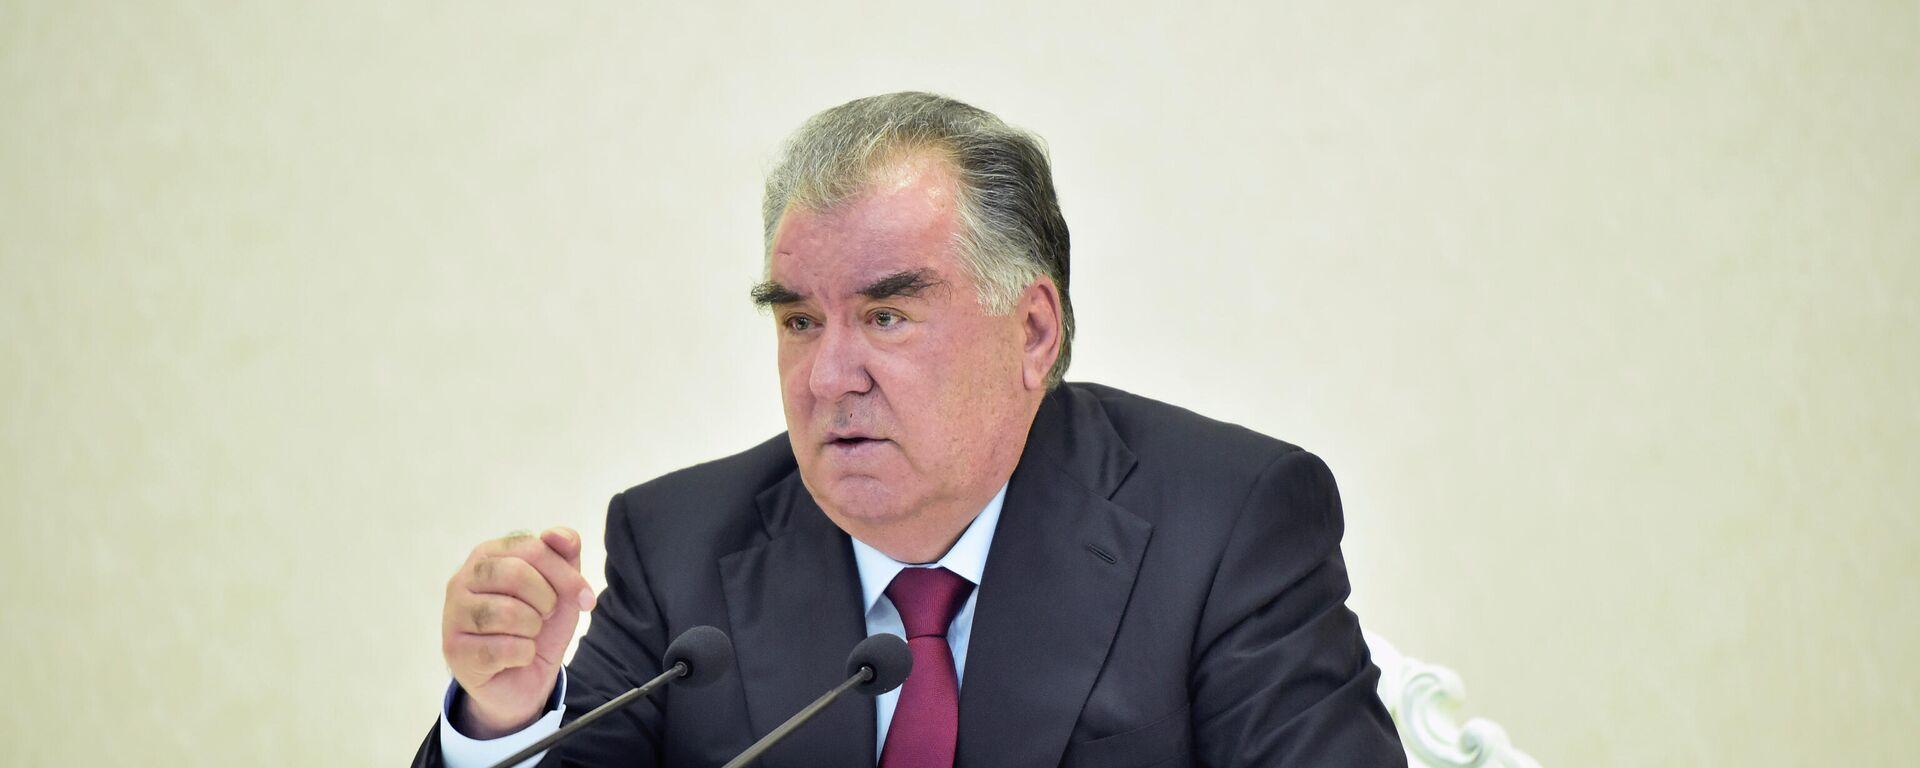 Эмомали Рахмон, Президент Таджикистана - Sputnik Таджикистан, 1920, 25.08.2021